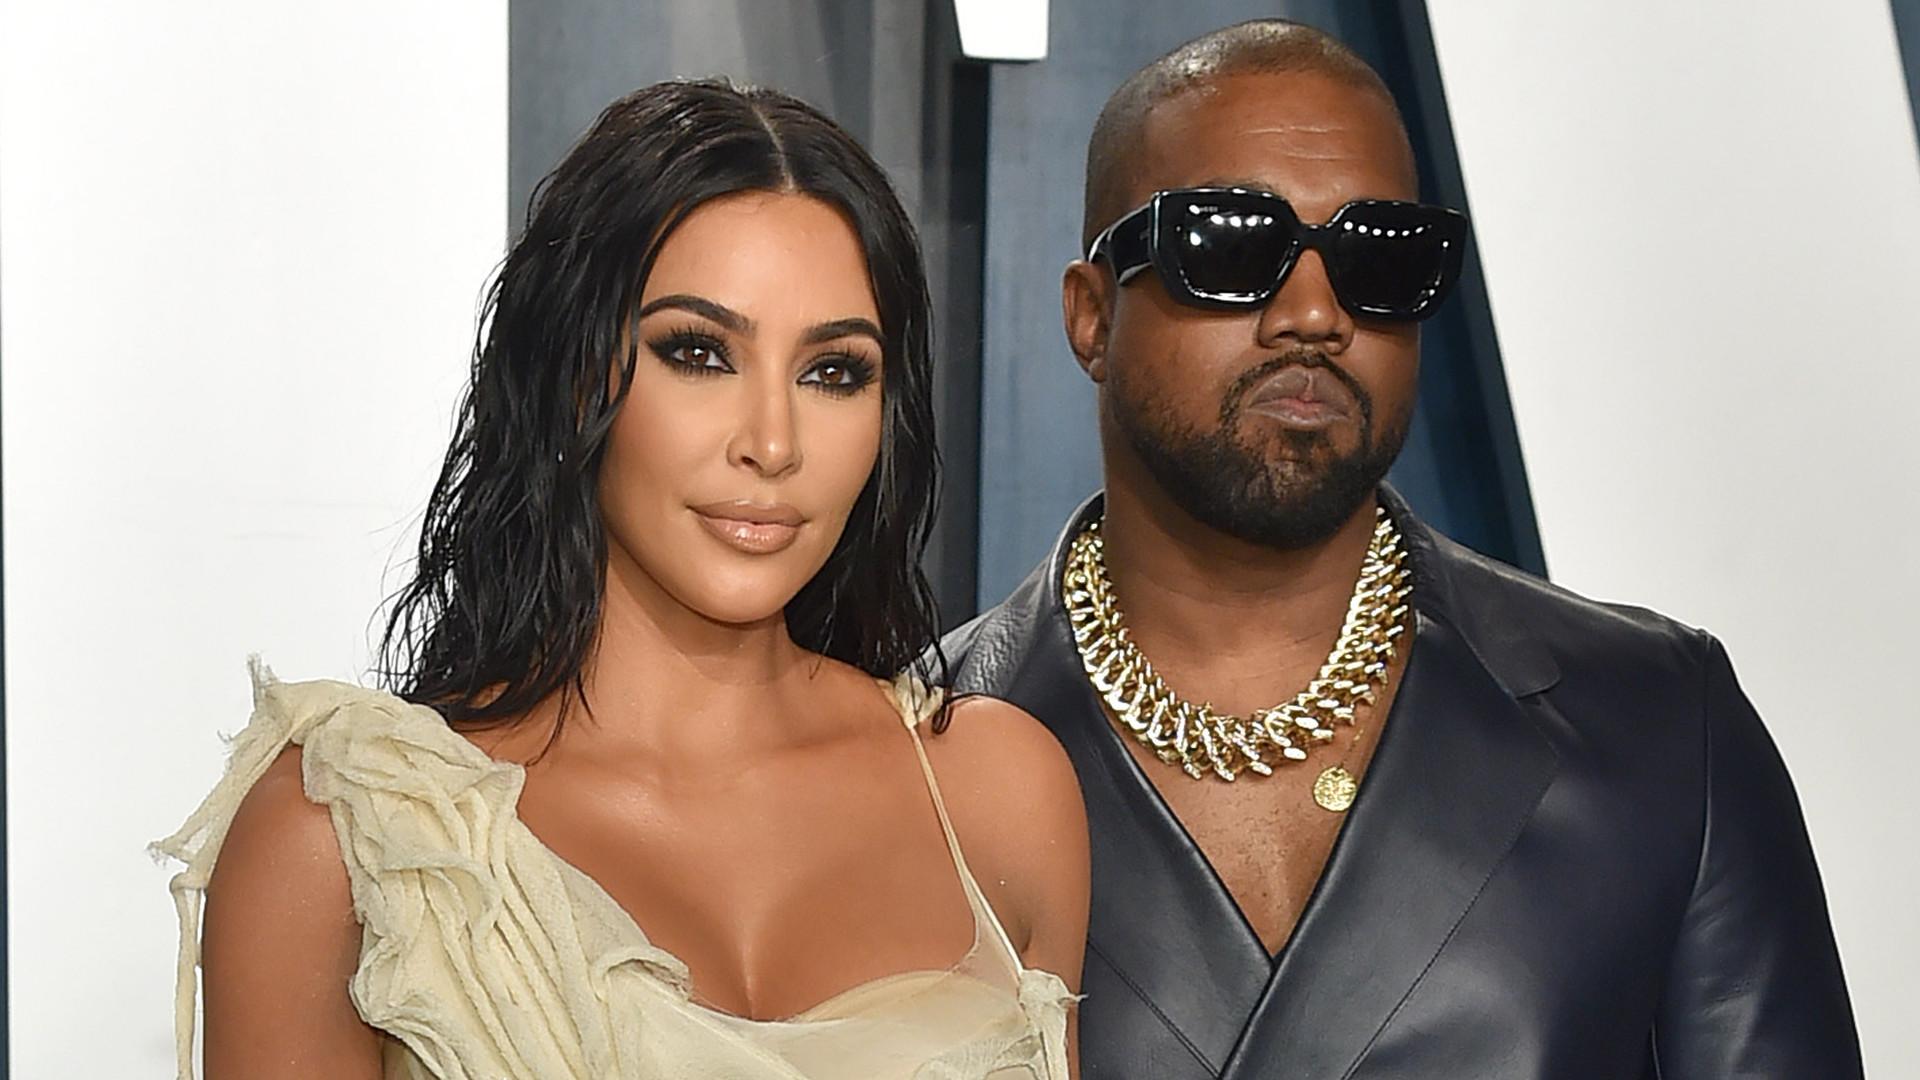 W sieci pojawiło się zdjęcie POZWU rozwodowego Kim Kardashian. Znany jest powód rozpadu małżeństwa